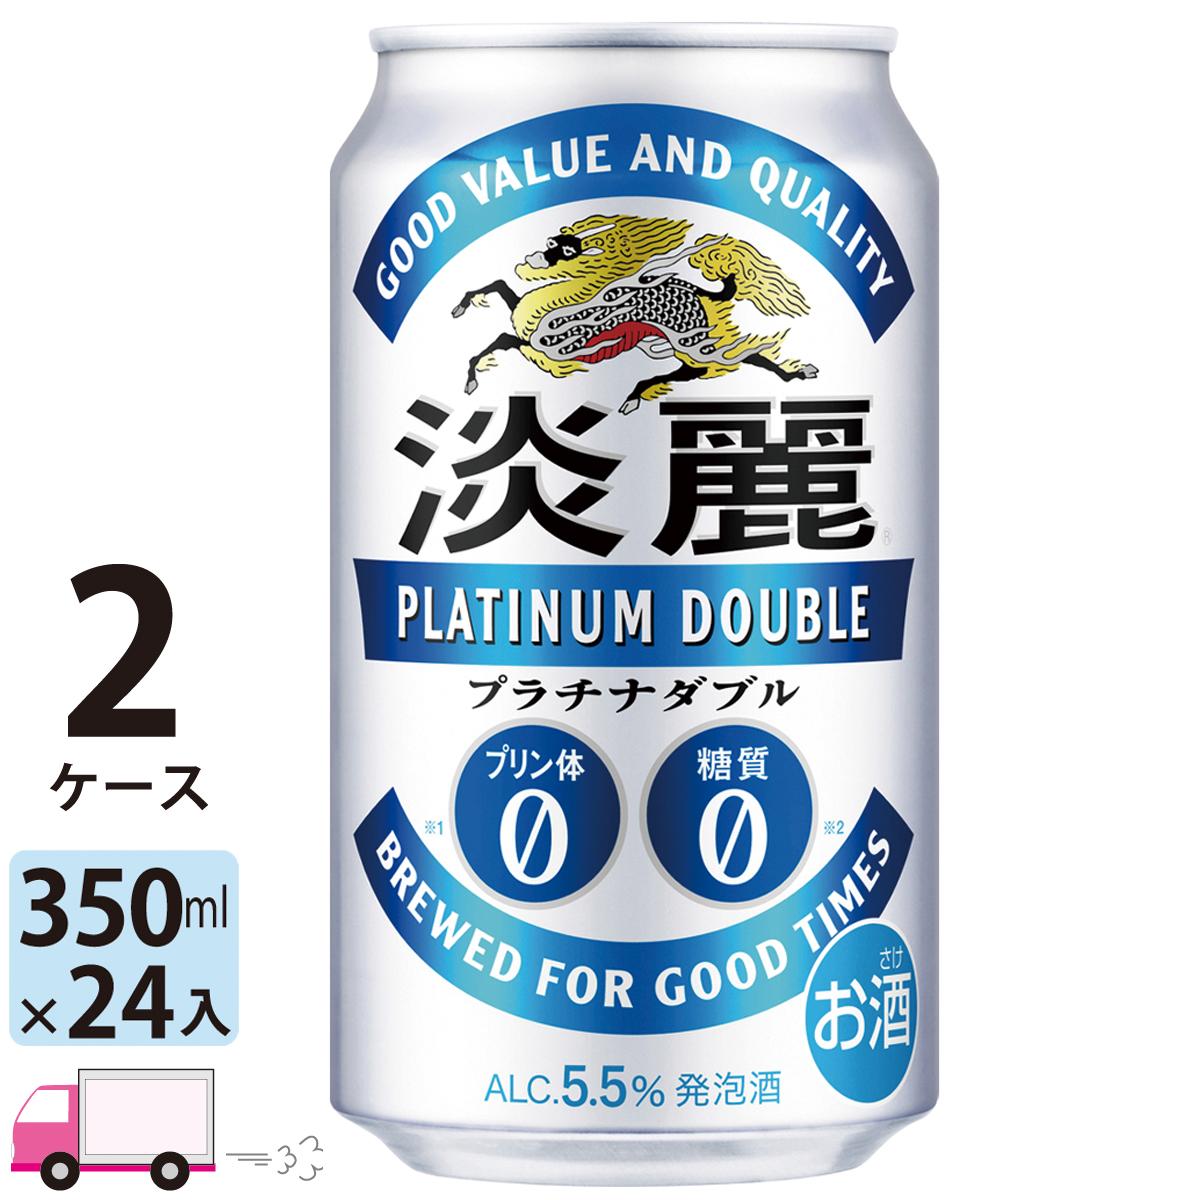 プリン体0.00、糖質0を実現しながら本格的なうまさと爽快なキレを両立。 送料無料 キリン ビール 淡麗 プラチナダブル 350ml ×24缶入 2ケース (48本)